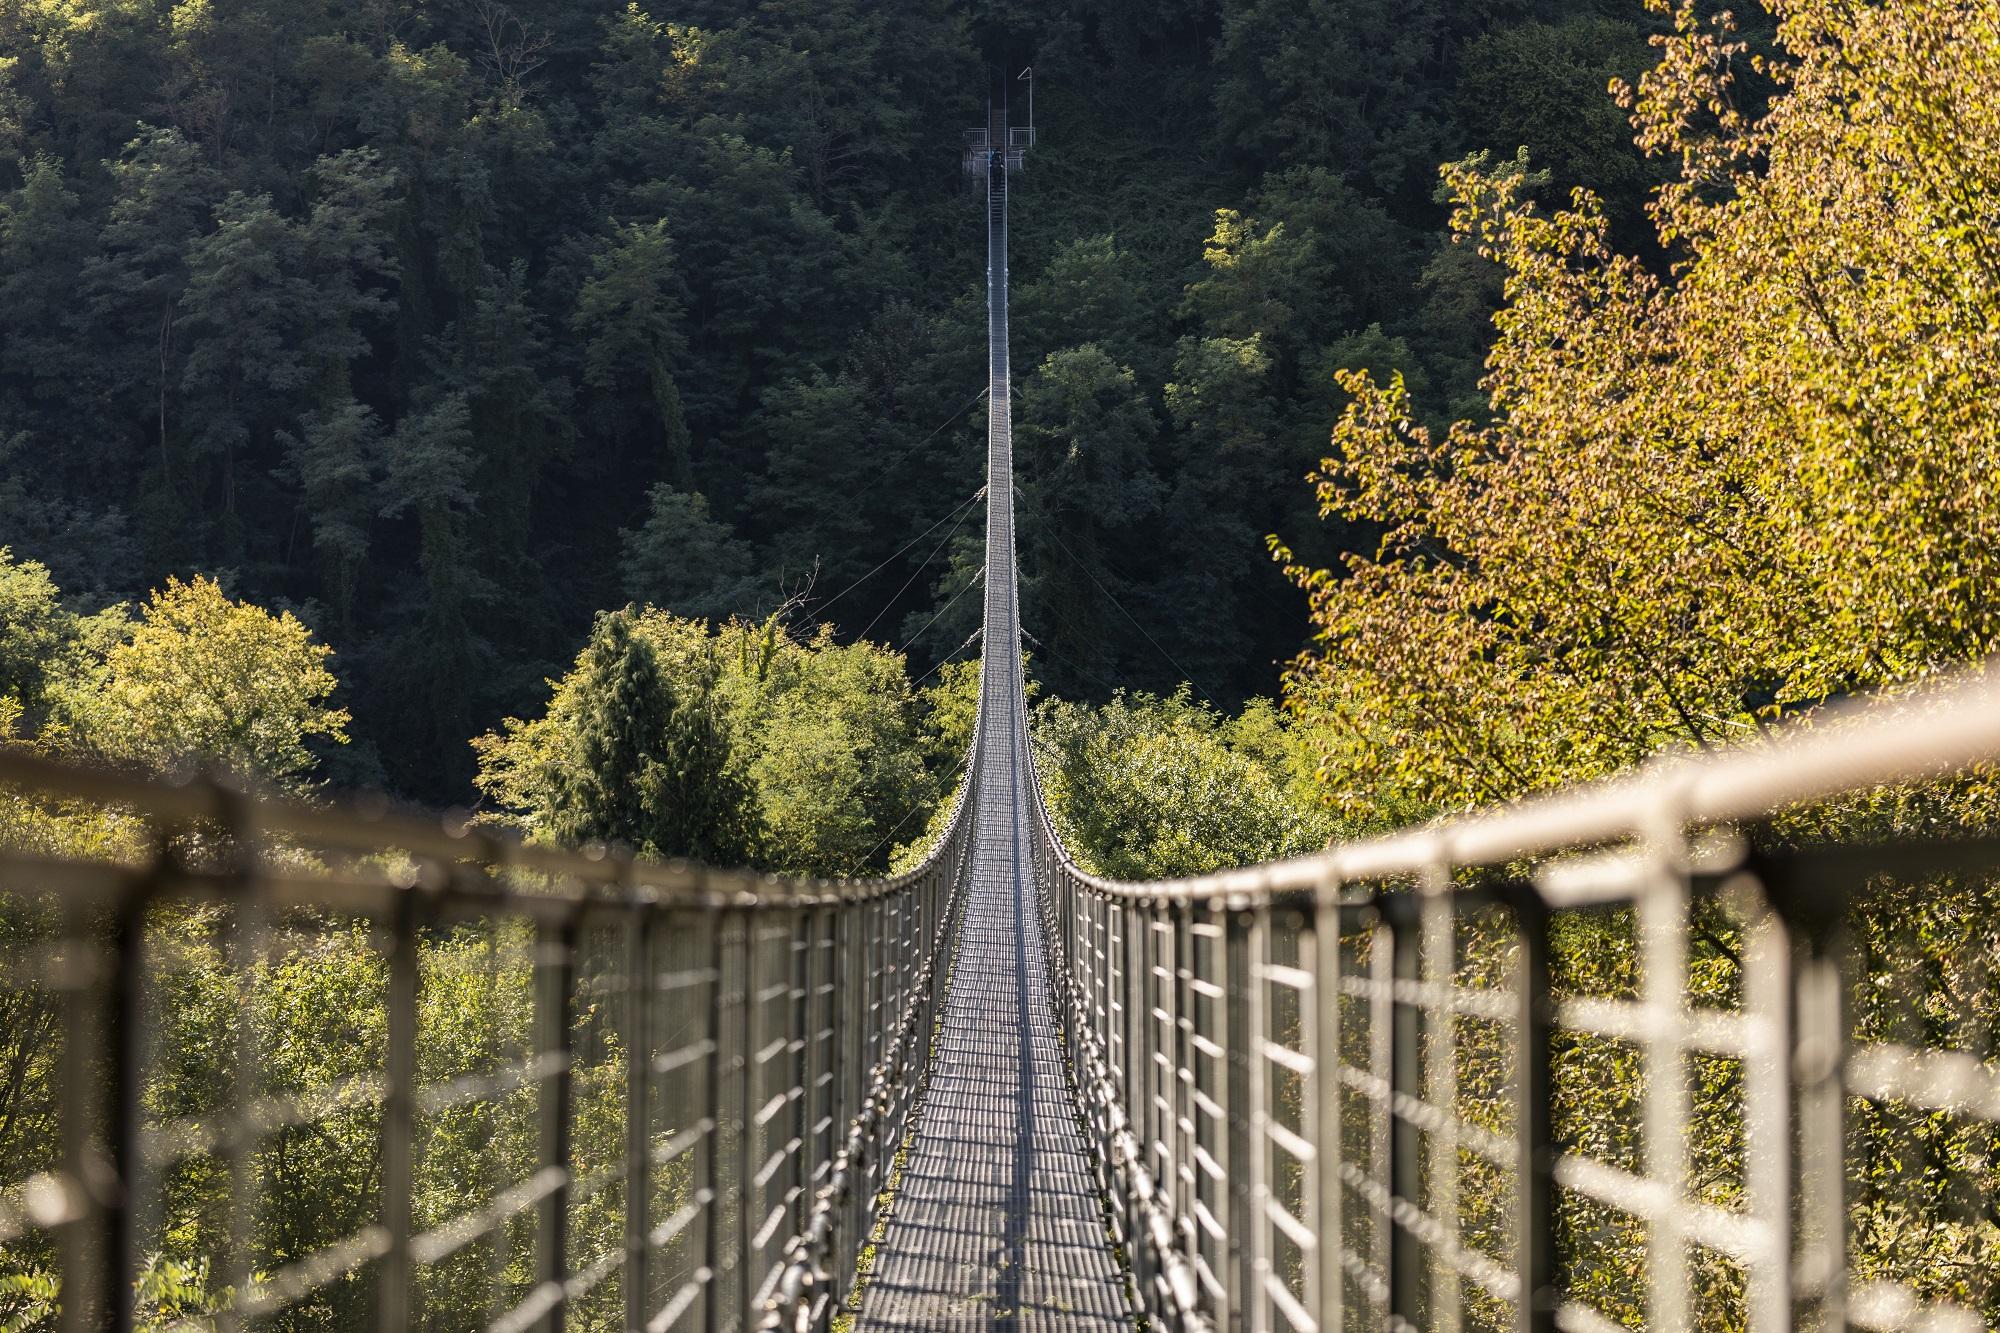 Ferriere suspension bridge